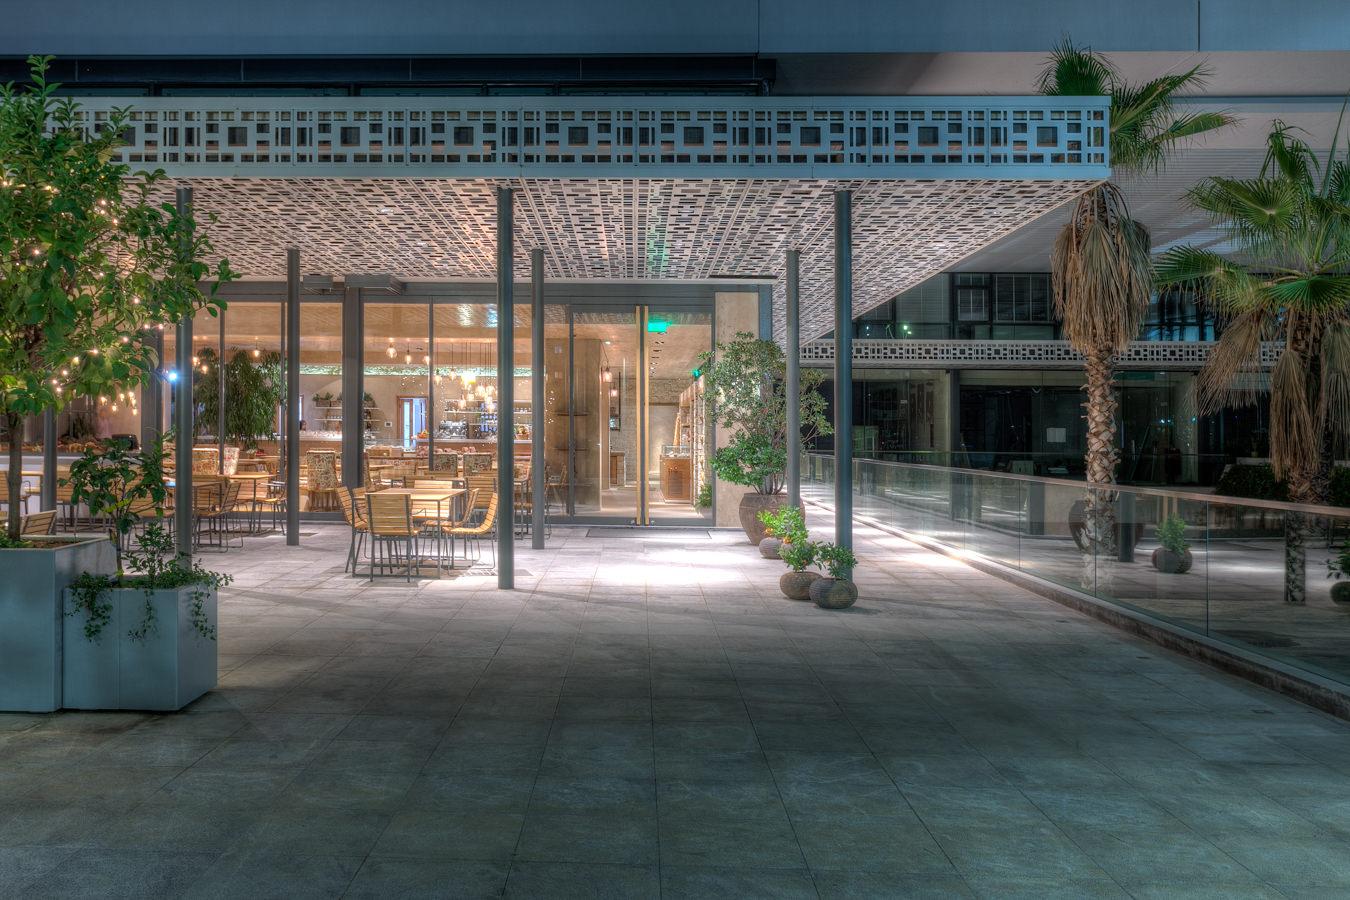 Earth Glyfada, Γιώργος Φάκαρος - Αρχιτεκτονική Φωτογραφία | Εσωτερικοί Χώροι | Φωτογραφία Ξενοδοχειών - Photography / Φωτογραφία